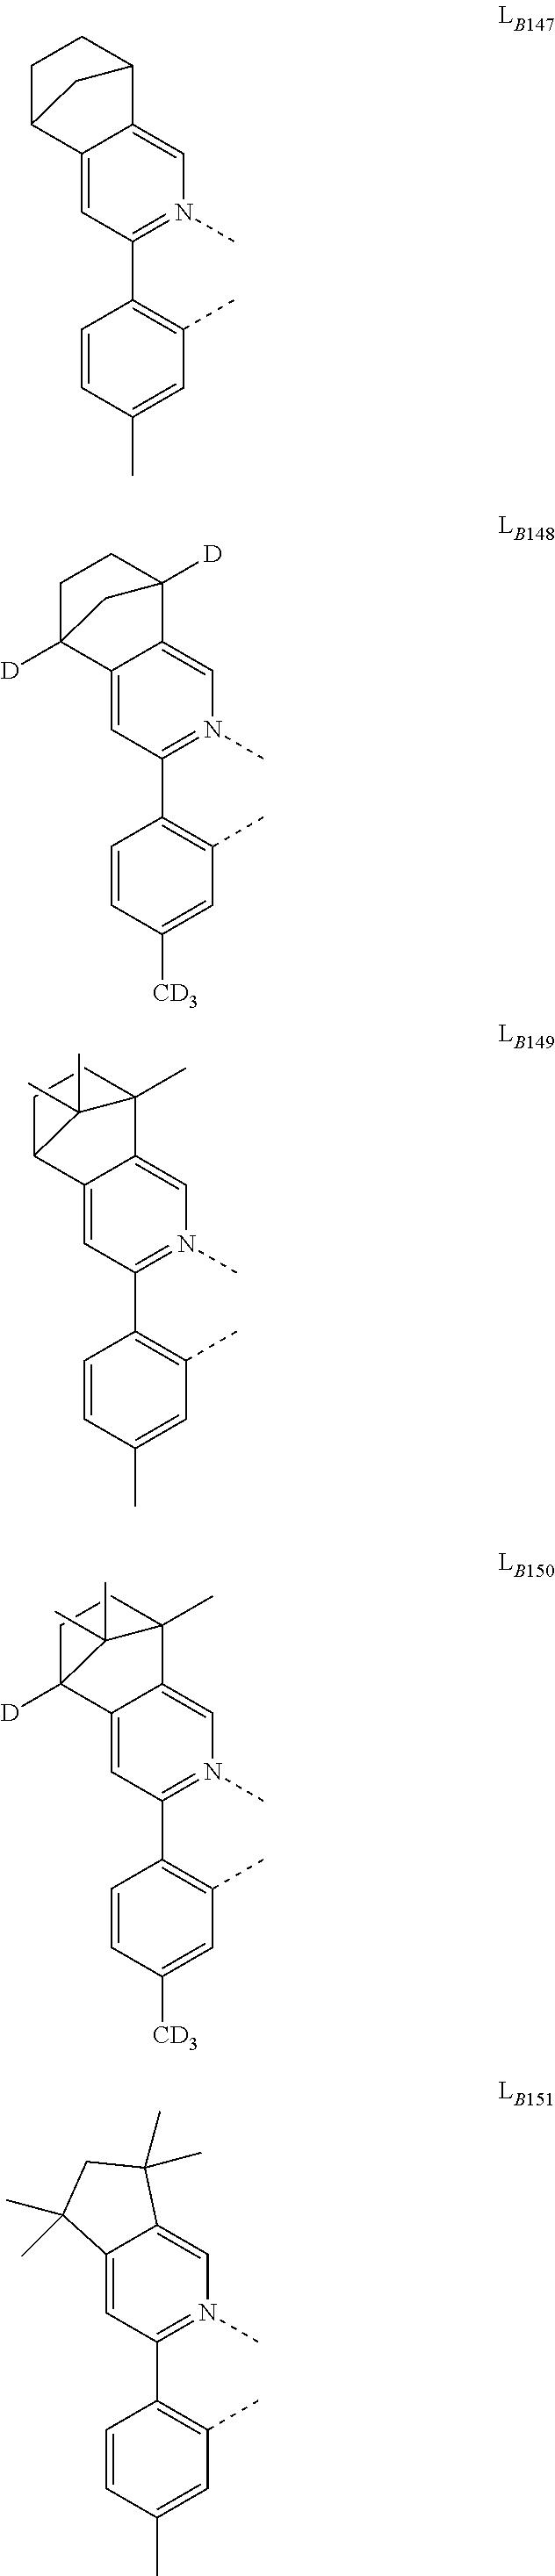 Figure US09929360-20180327-C00246